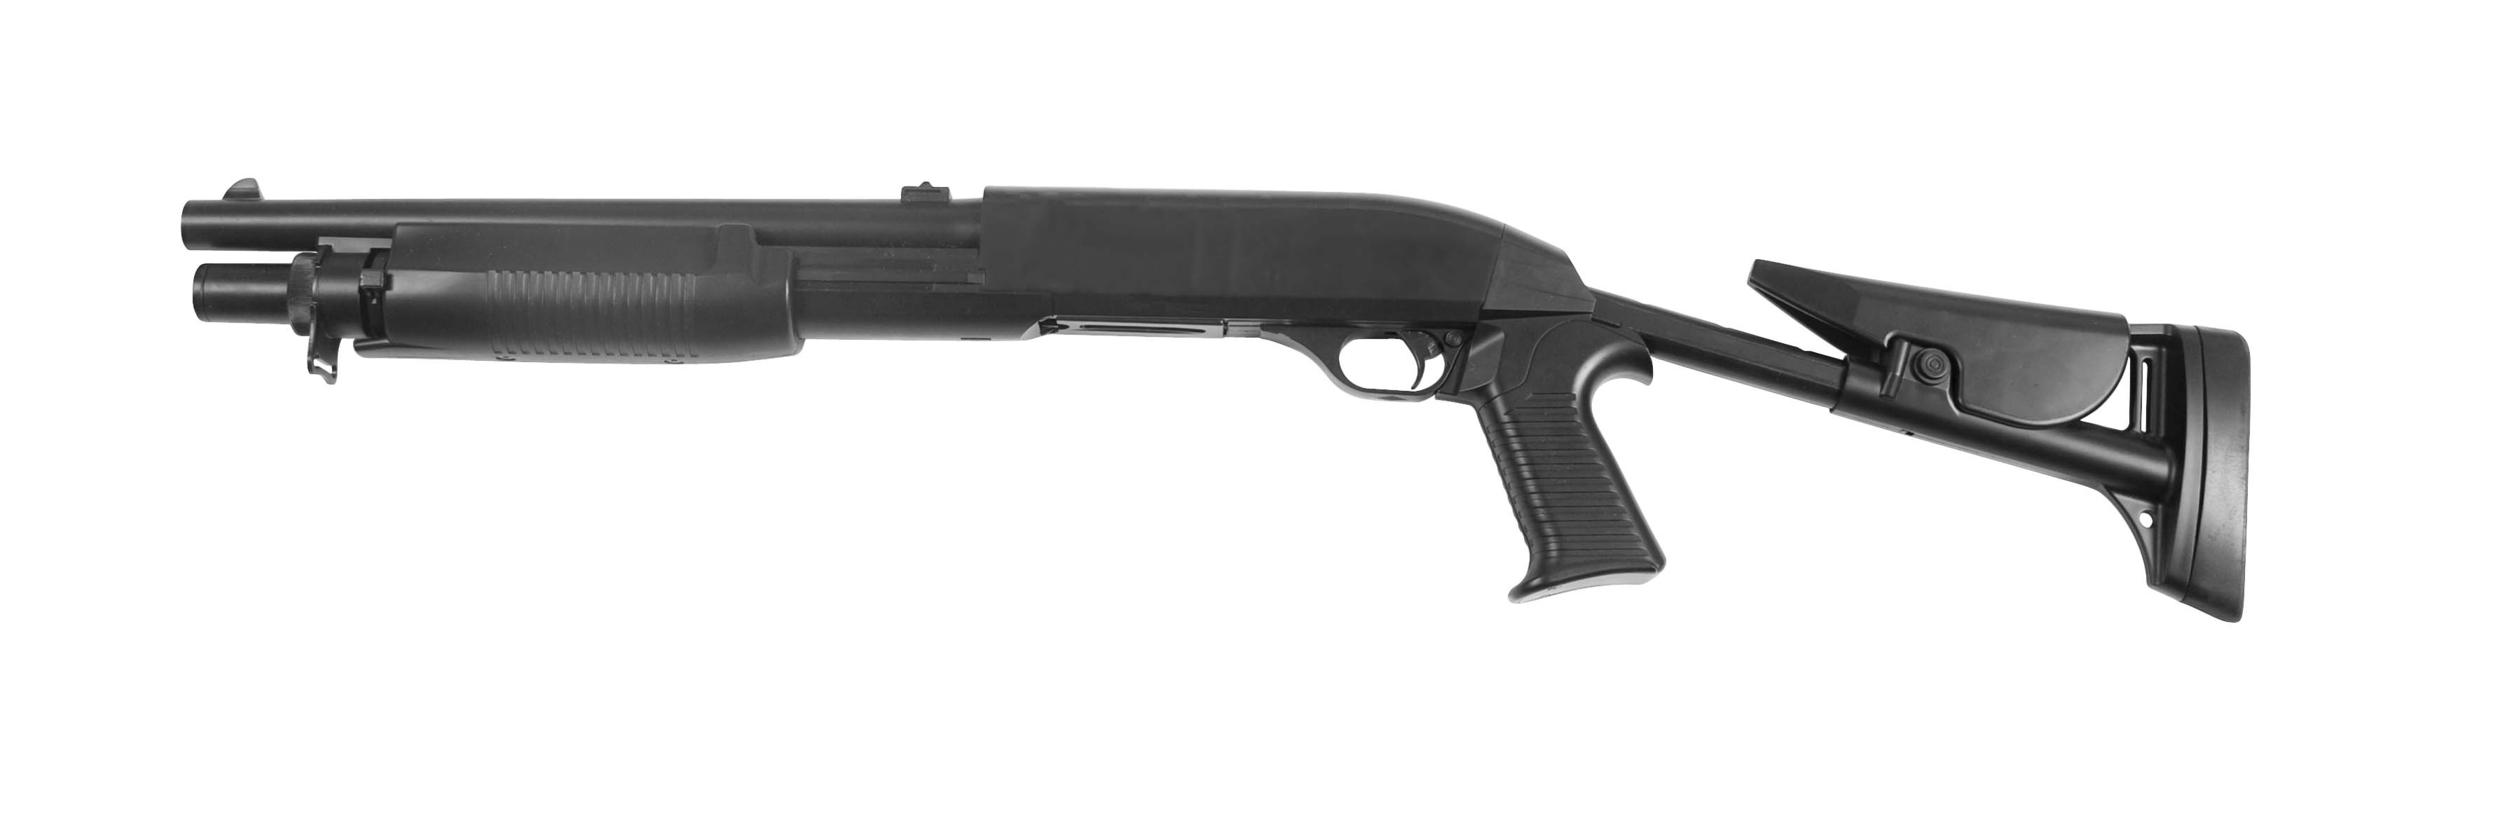 Réplique fusil à pompe Mod.FLEX STOCK